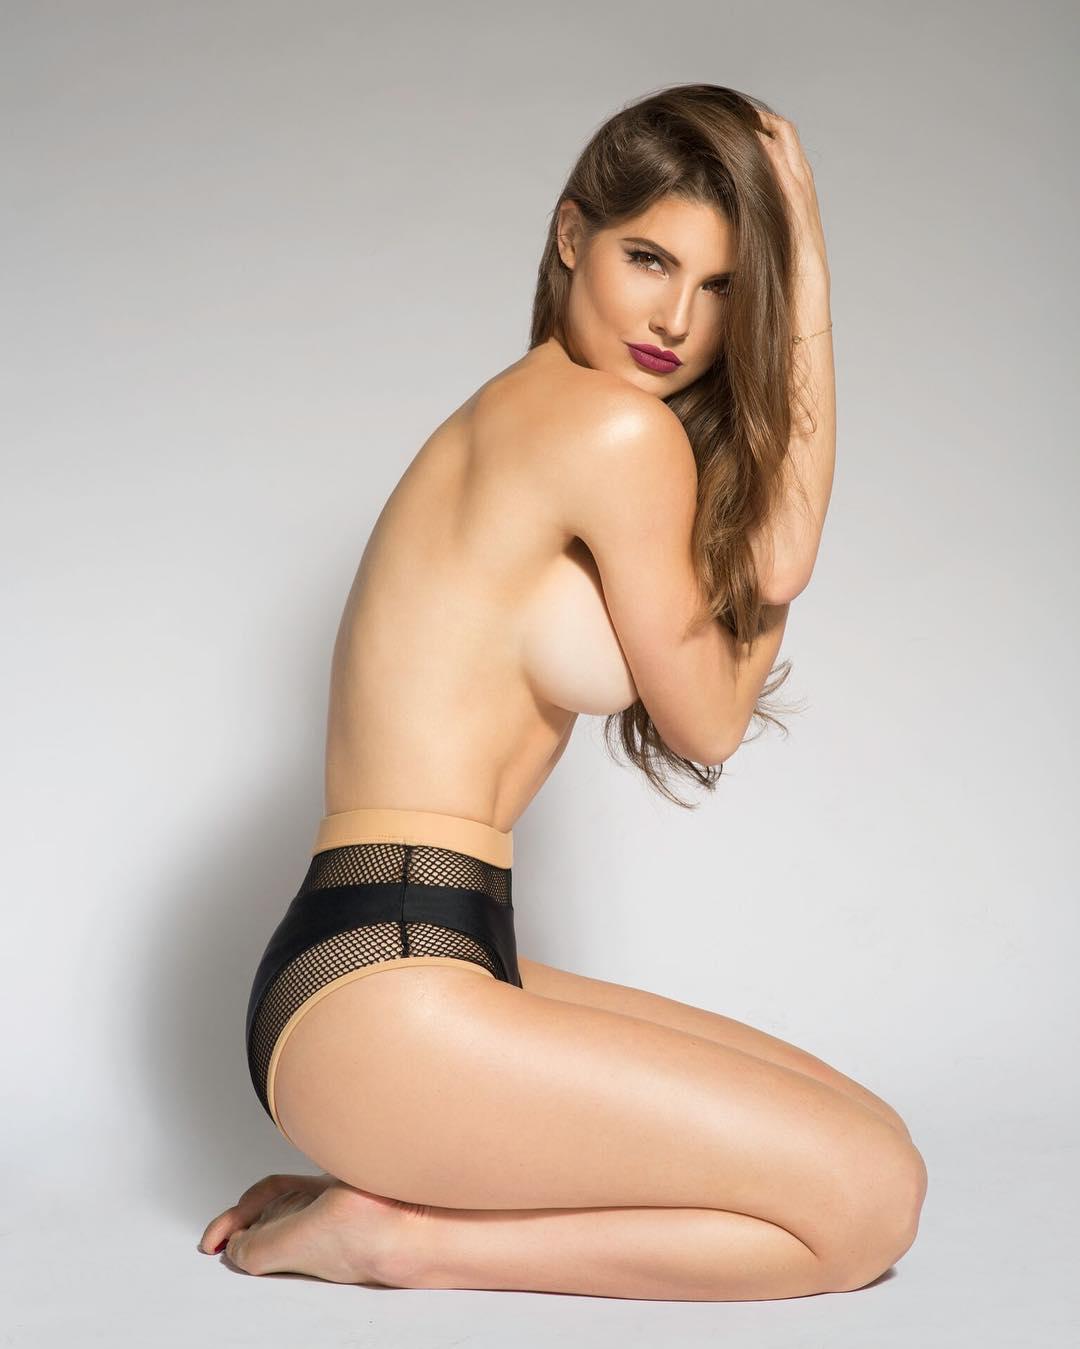 Ara Mina Naked Body taraji henson sexy photos - megapornx